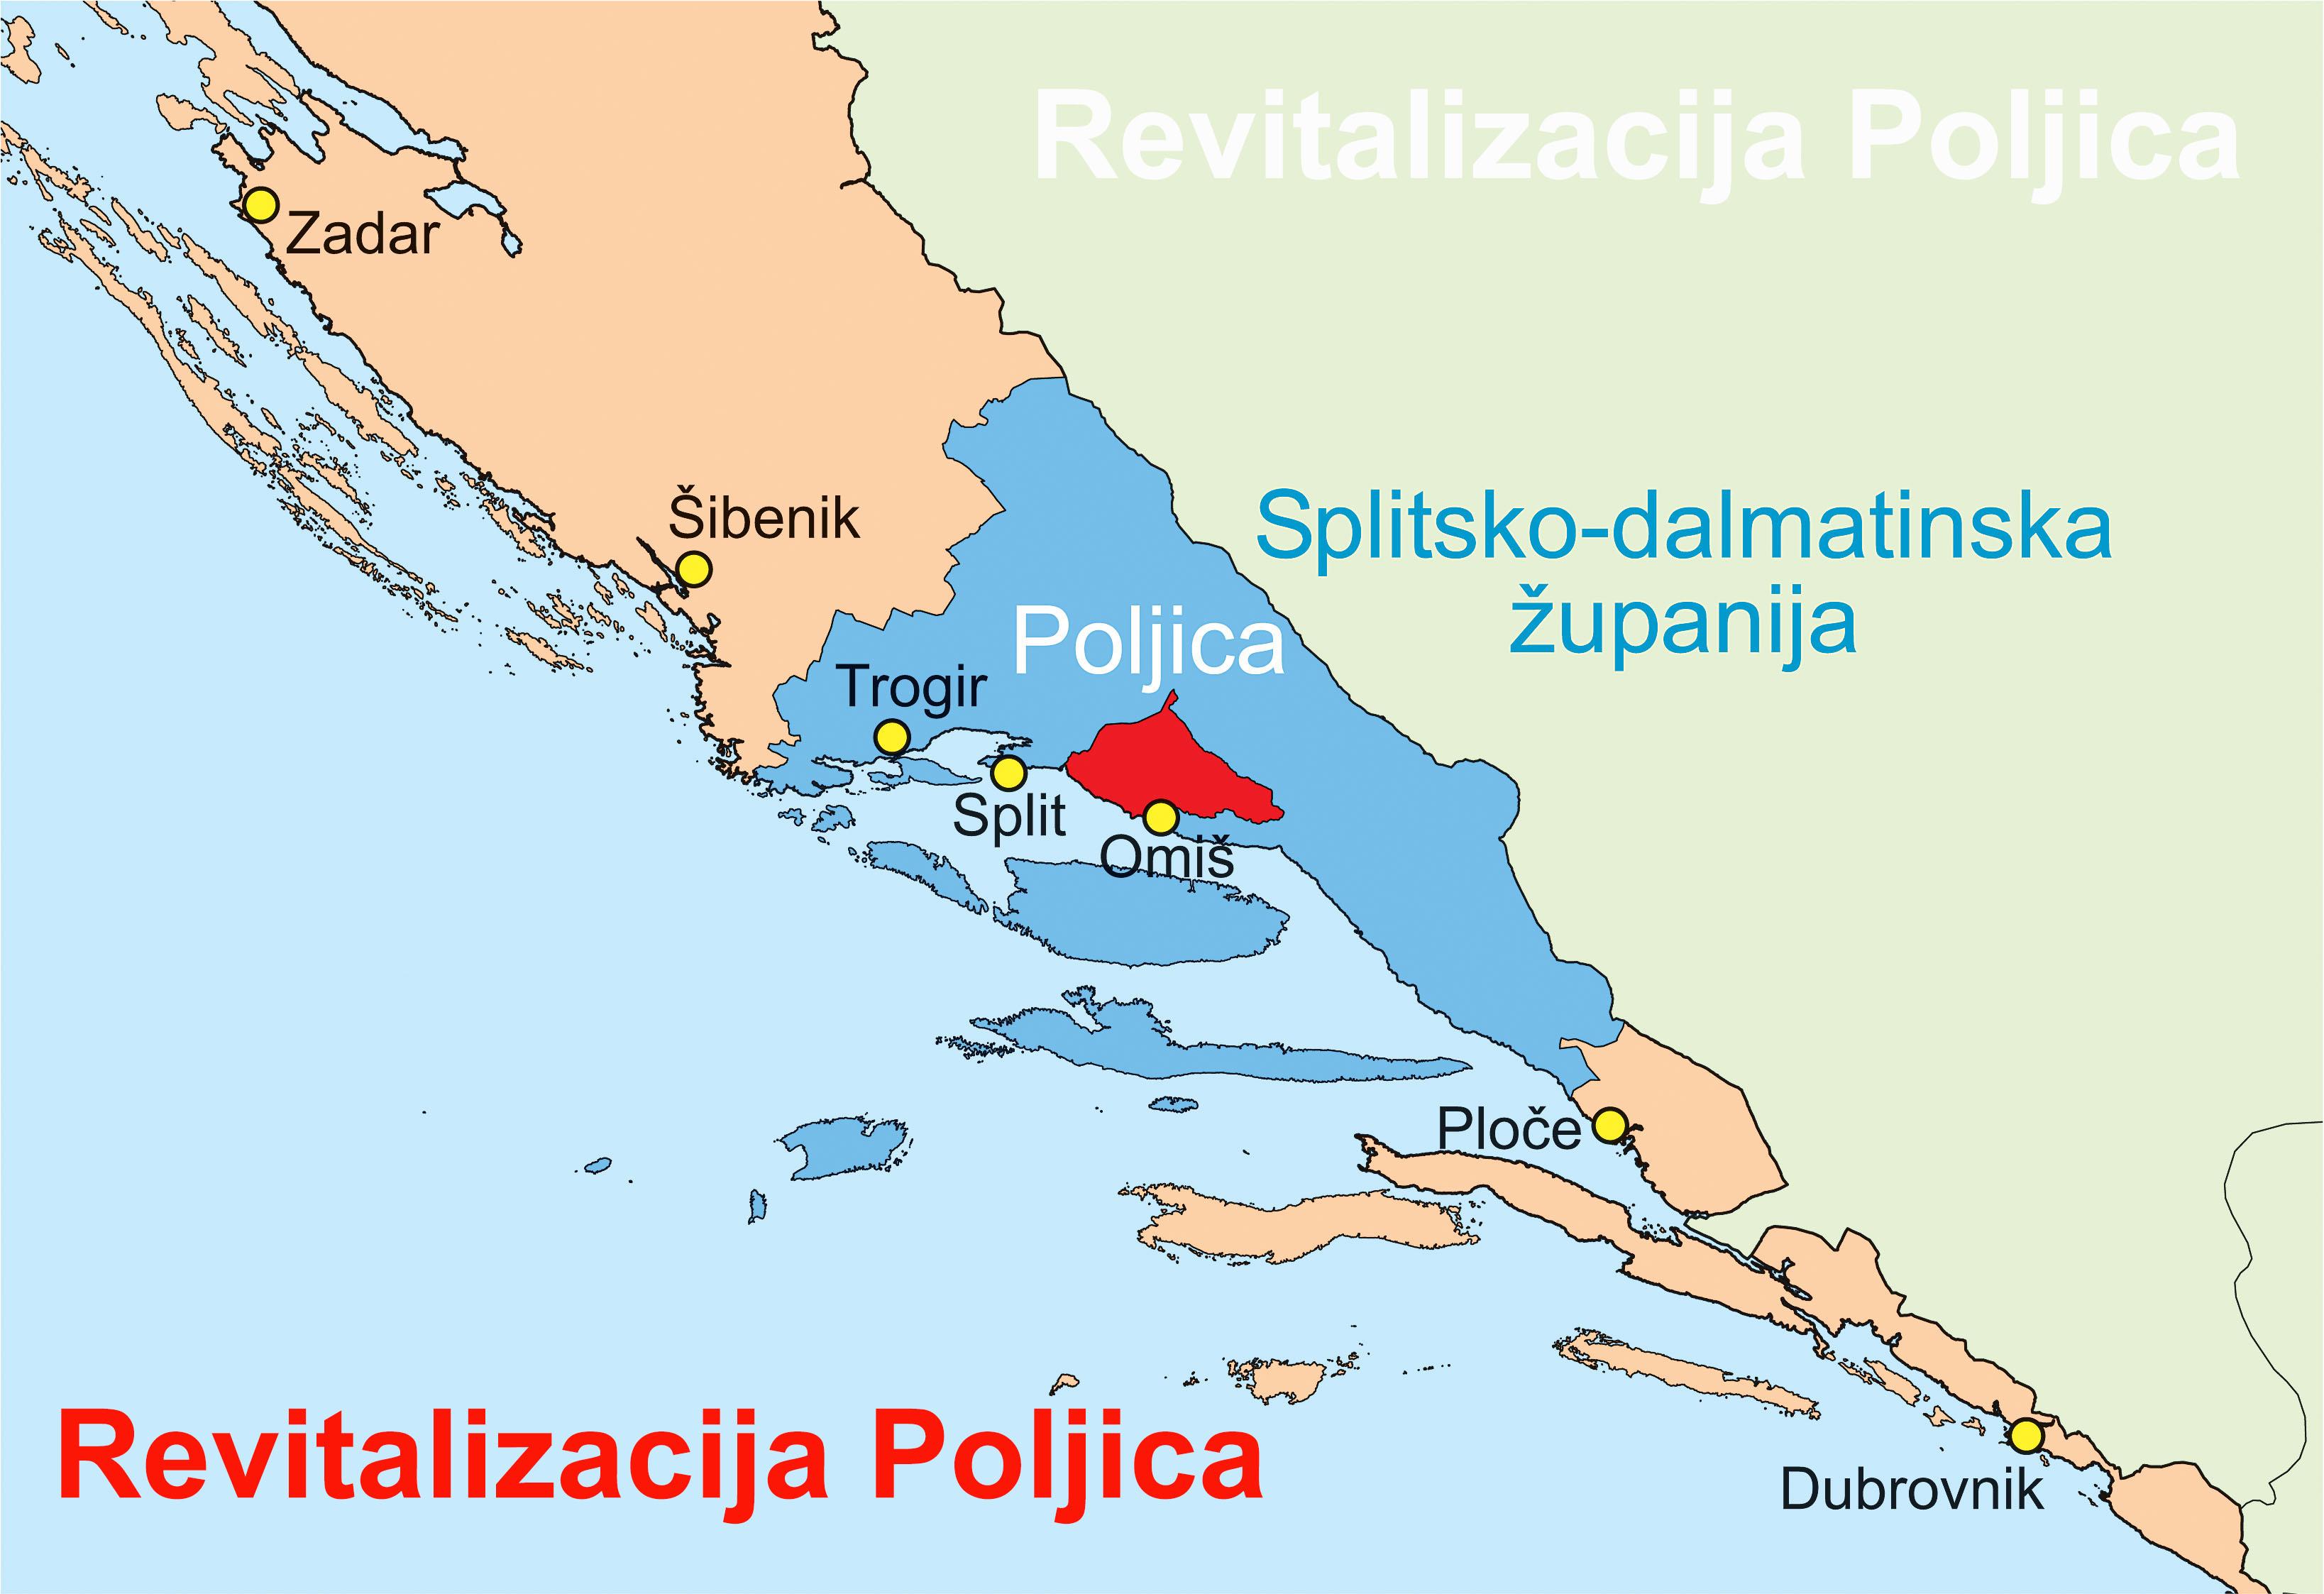 blagdanske čestitke REVITALIZACIJA POLJICA (umjesto blagdanske čestitke!)   Savez za  blagdanske čestitke